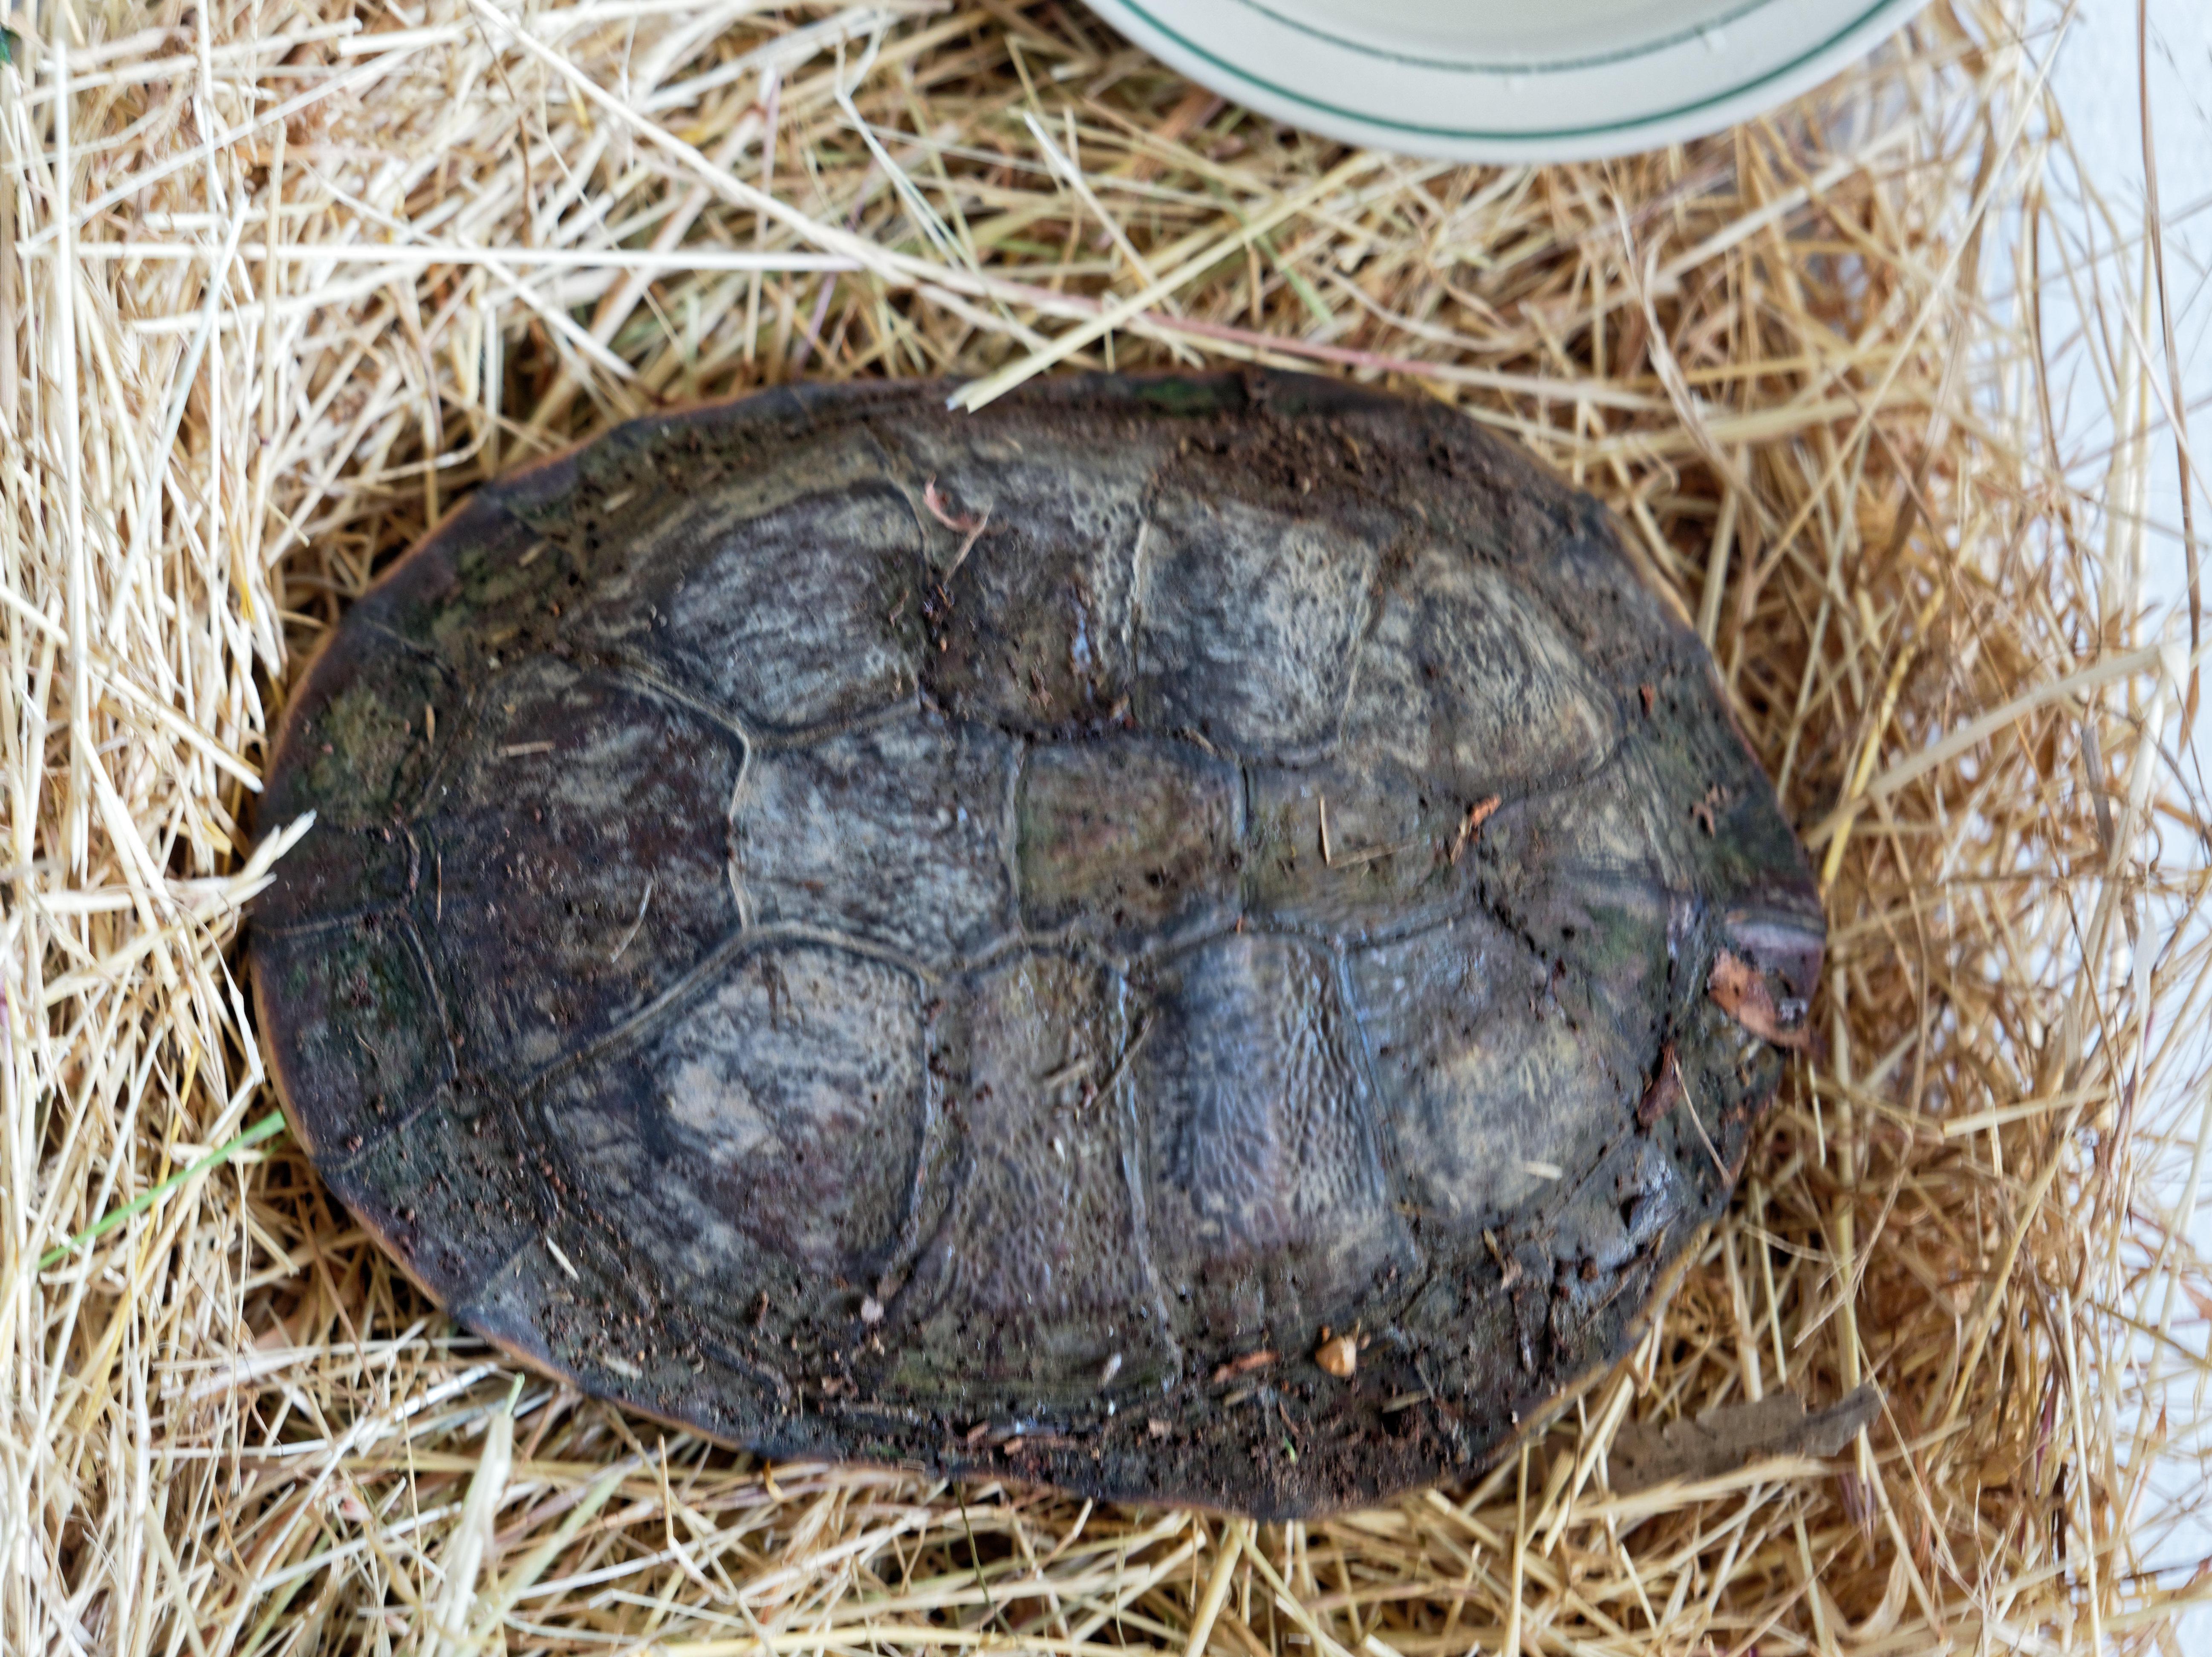 Tortoise-4.jpeg